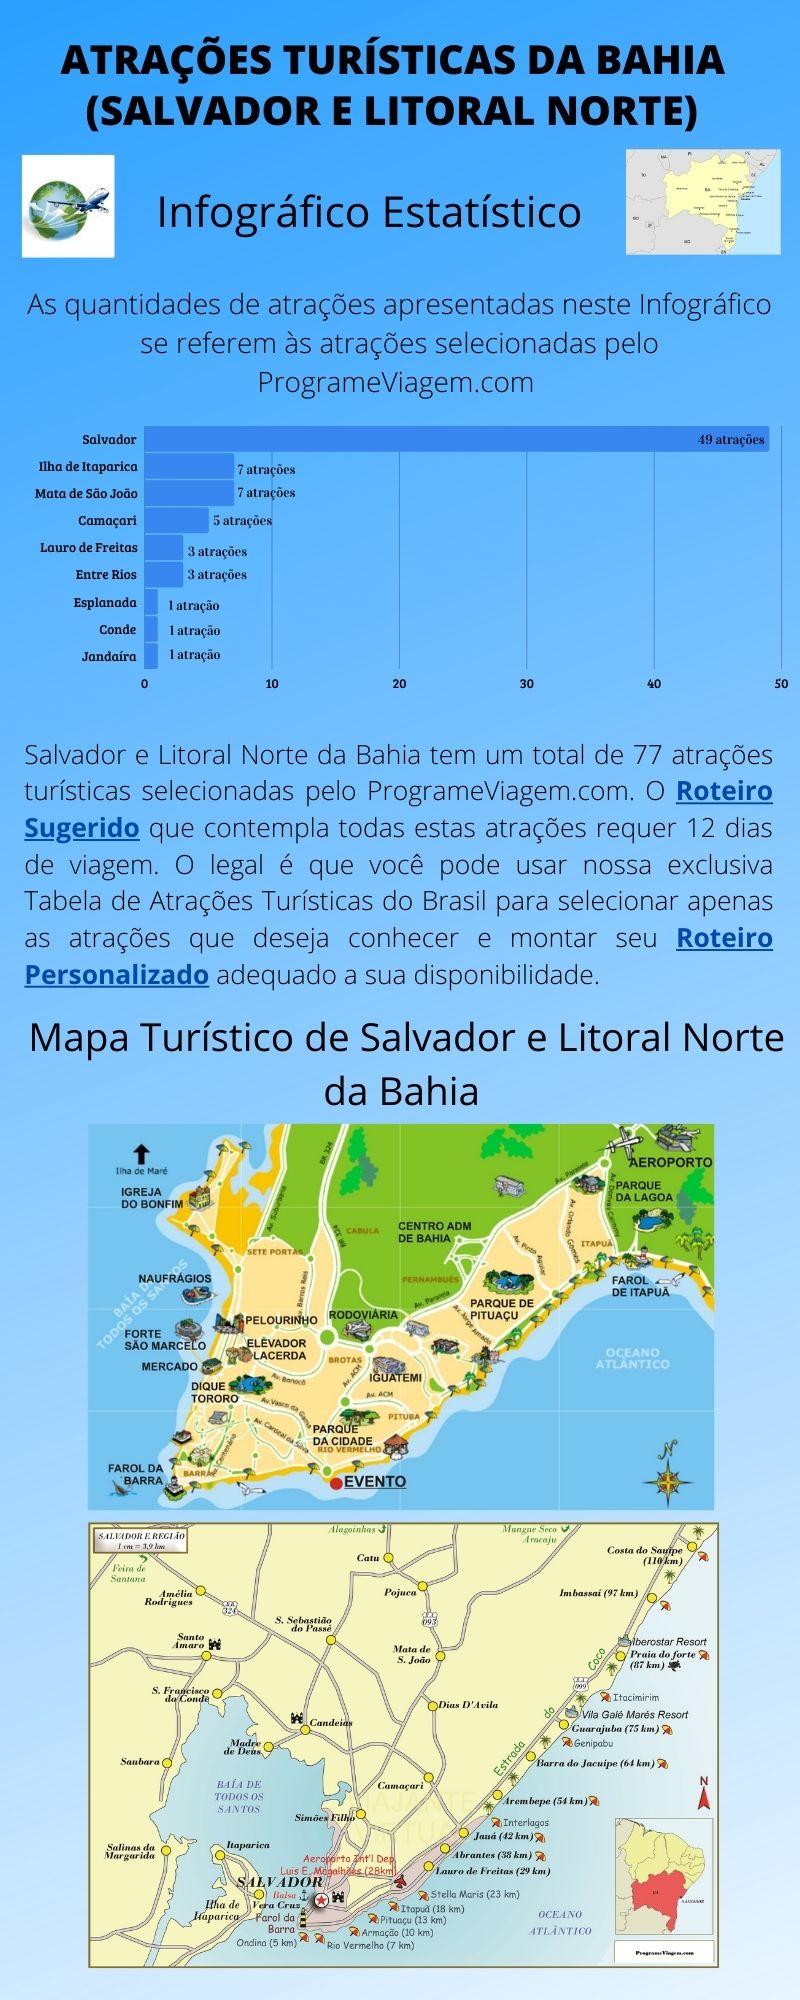 Infográfico Atrações Turísticas da Bahia (Salvador e Litoral Norte)